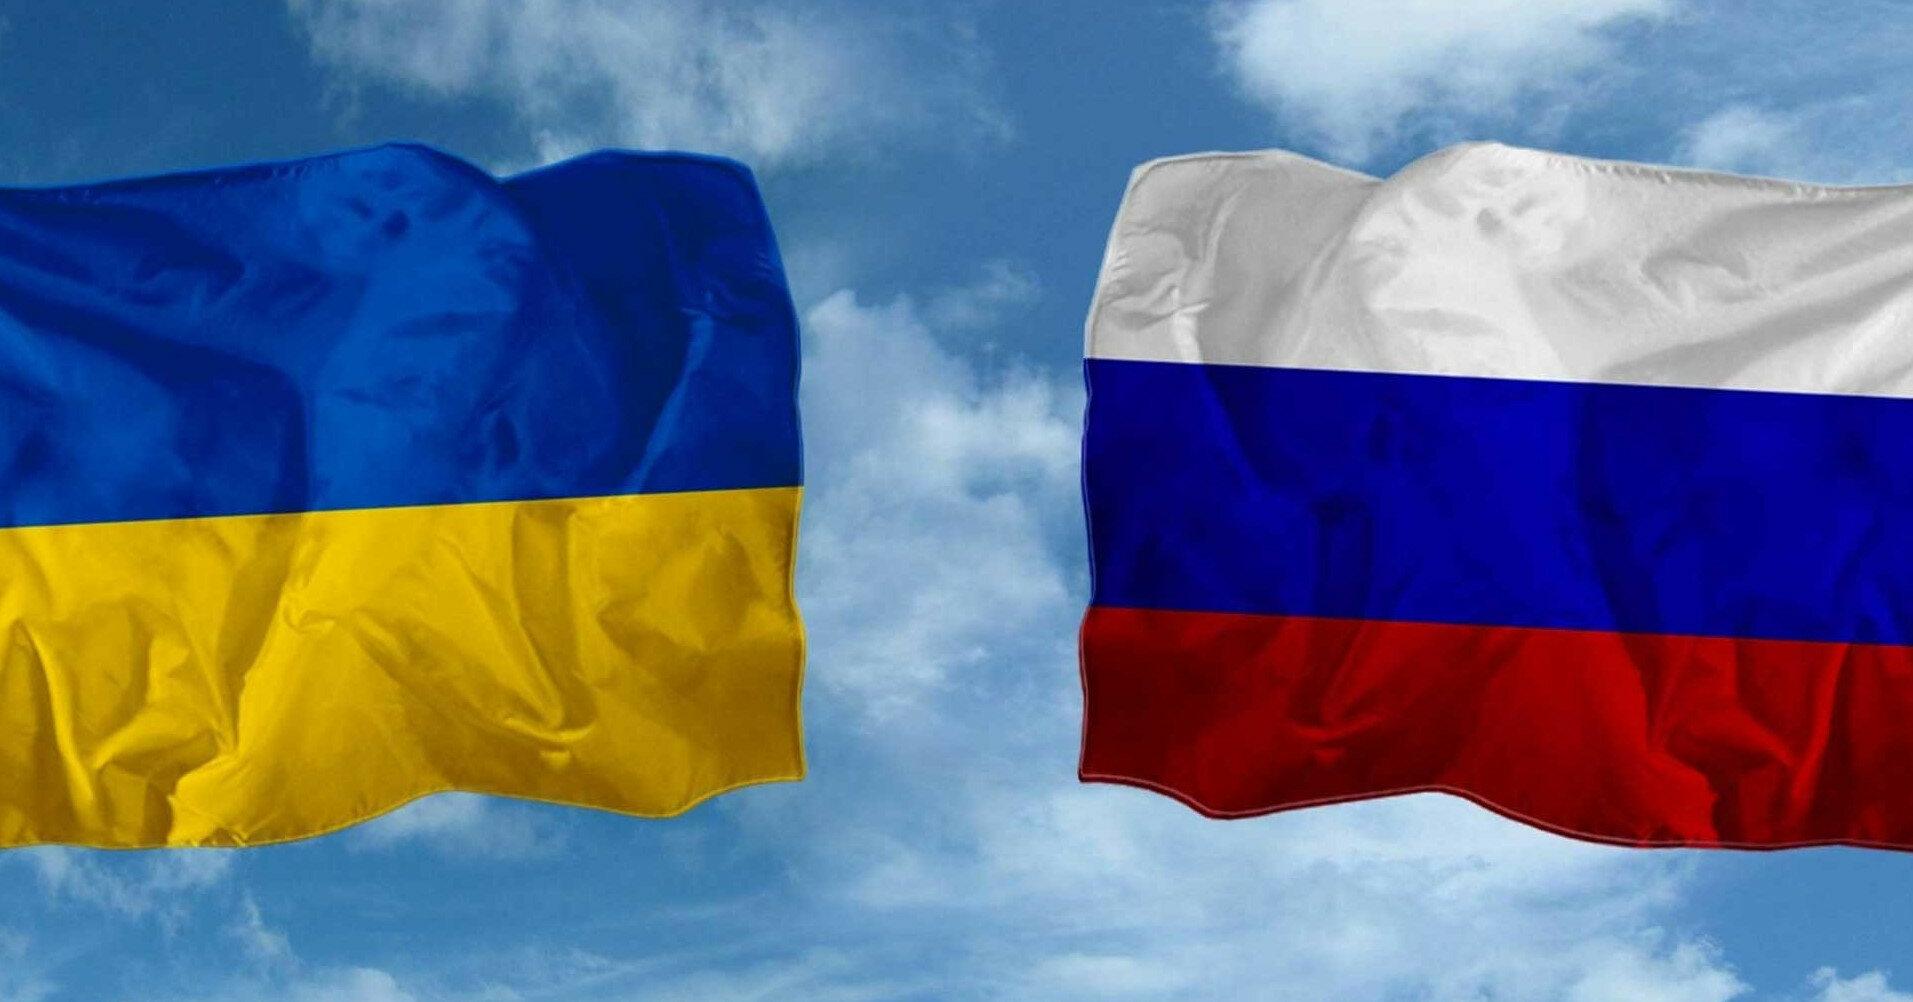 РФ впервые подала жалобу на Украину в ЕСПЧ